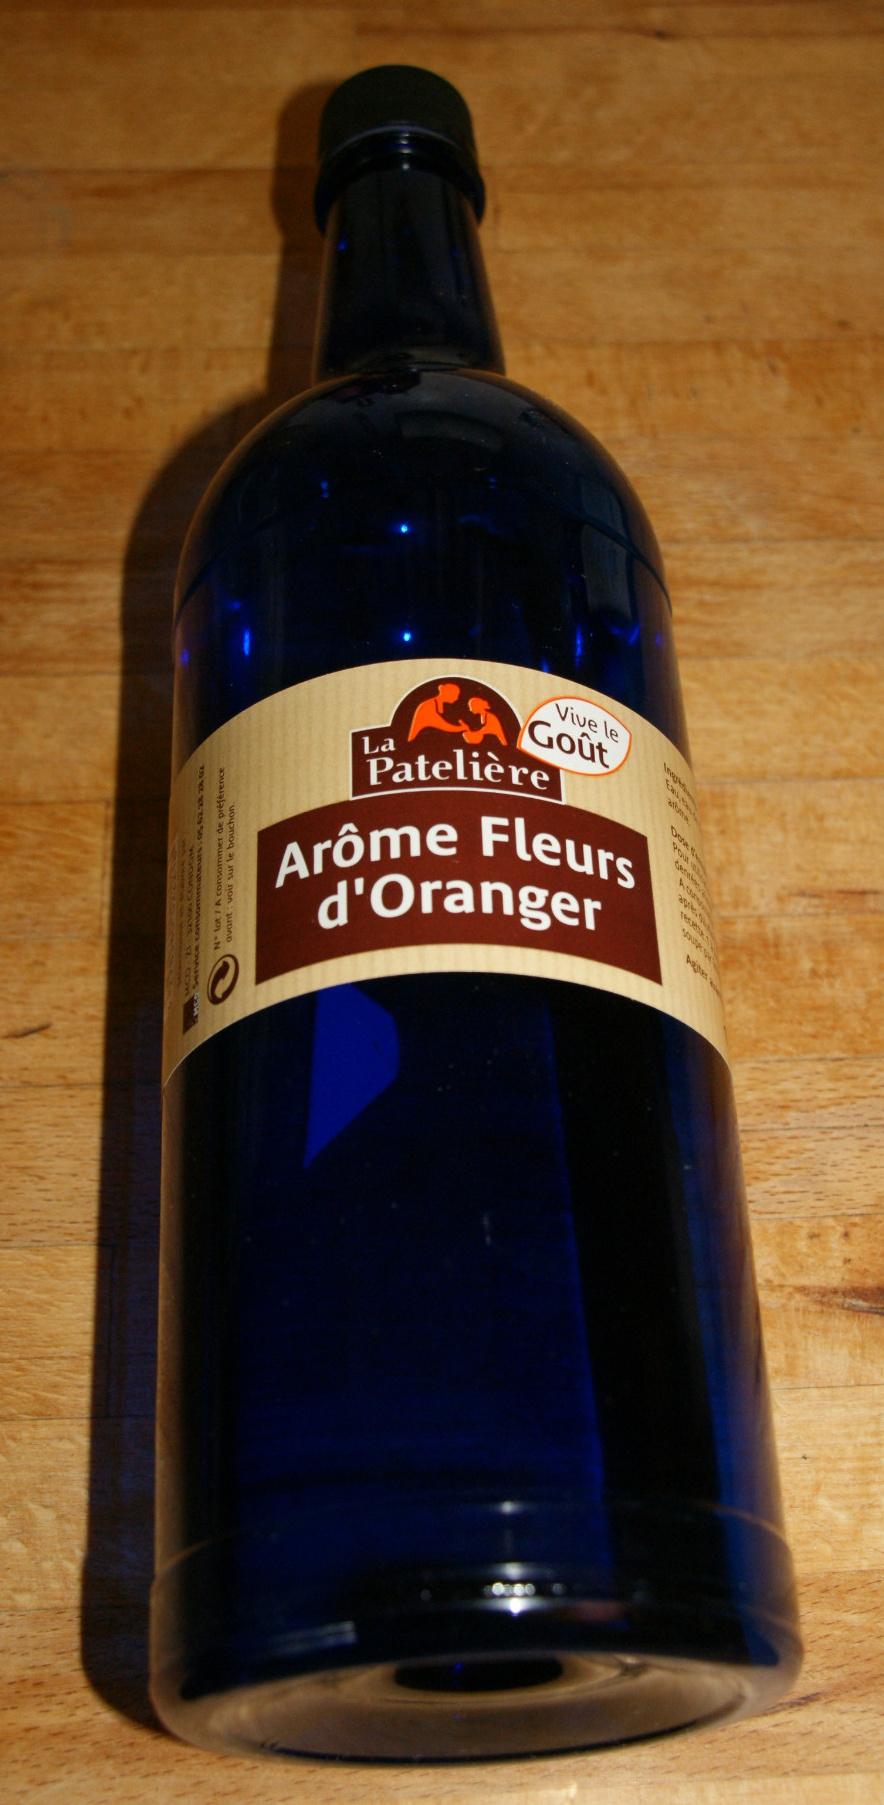 Arôme fleurs d'oranger - Product - fr